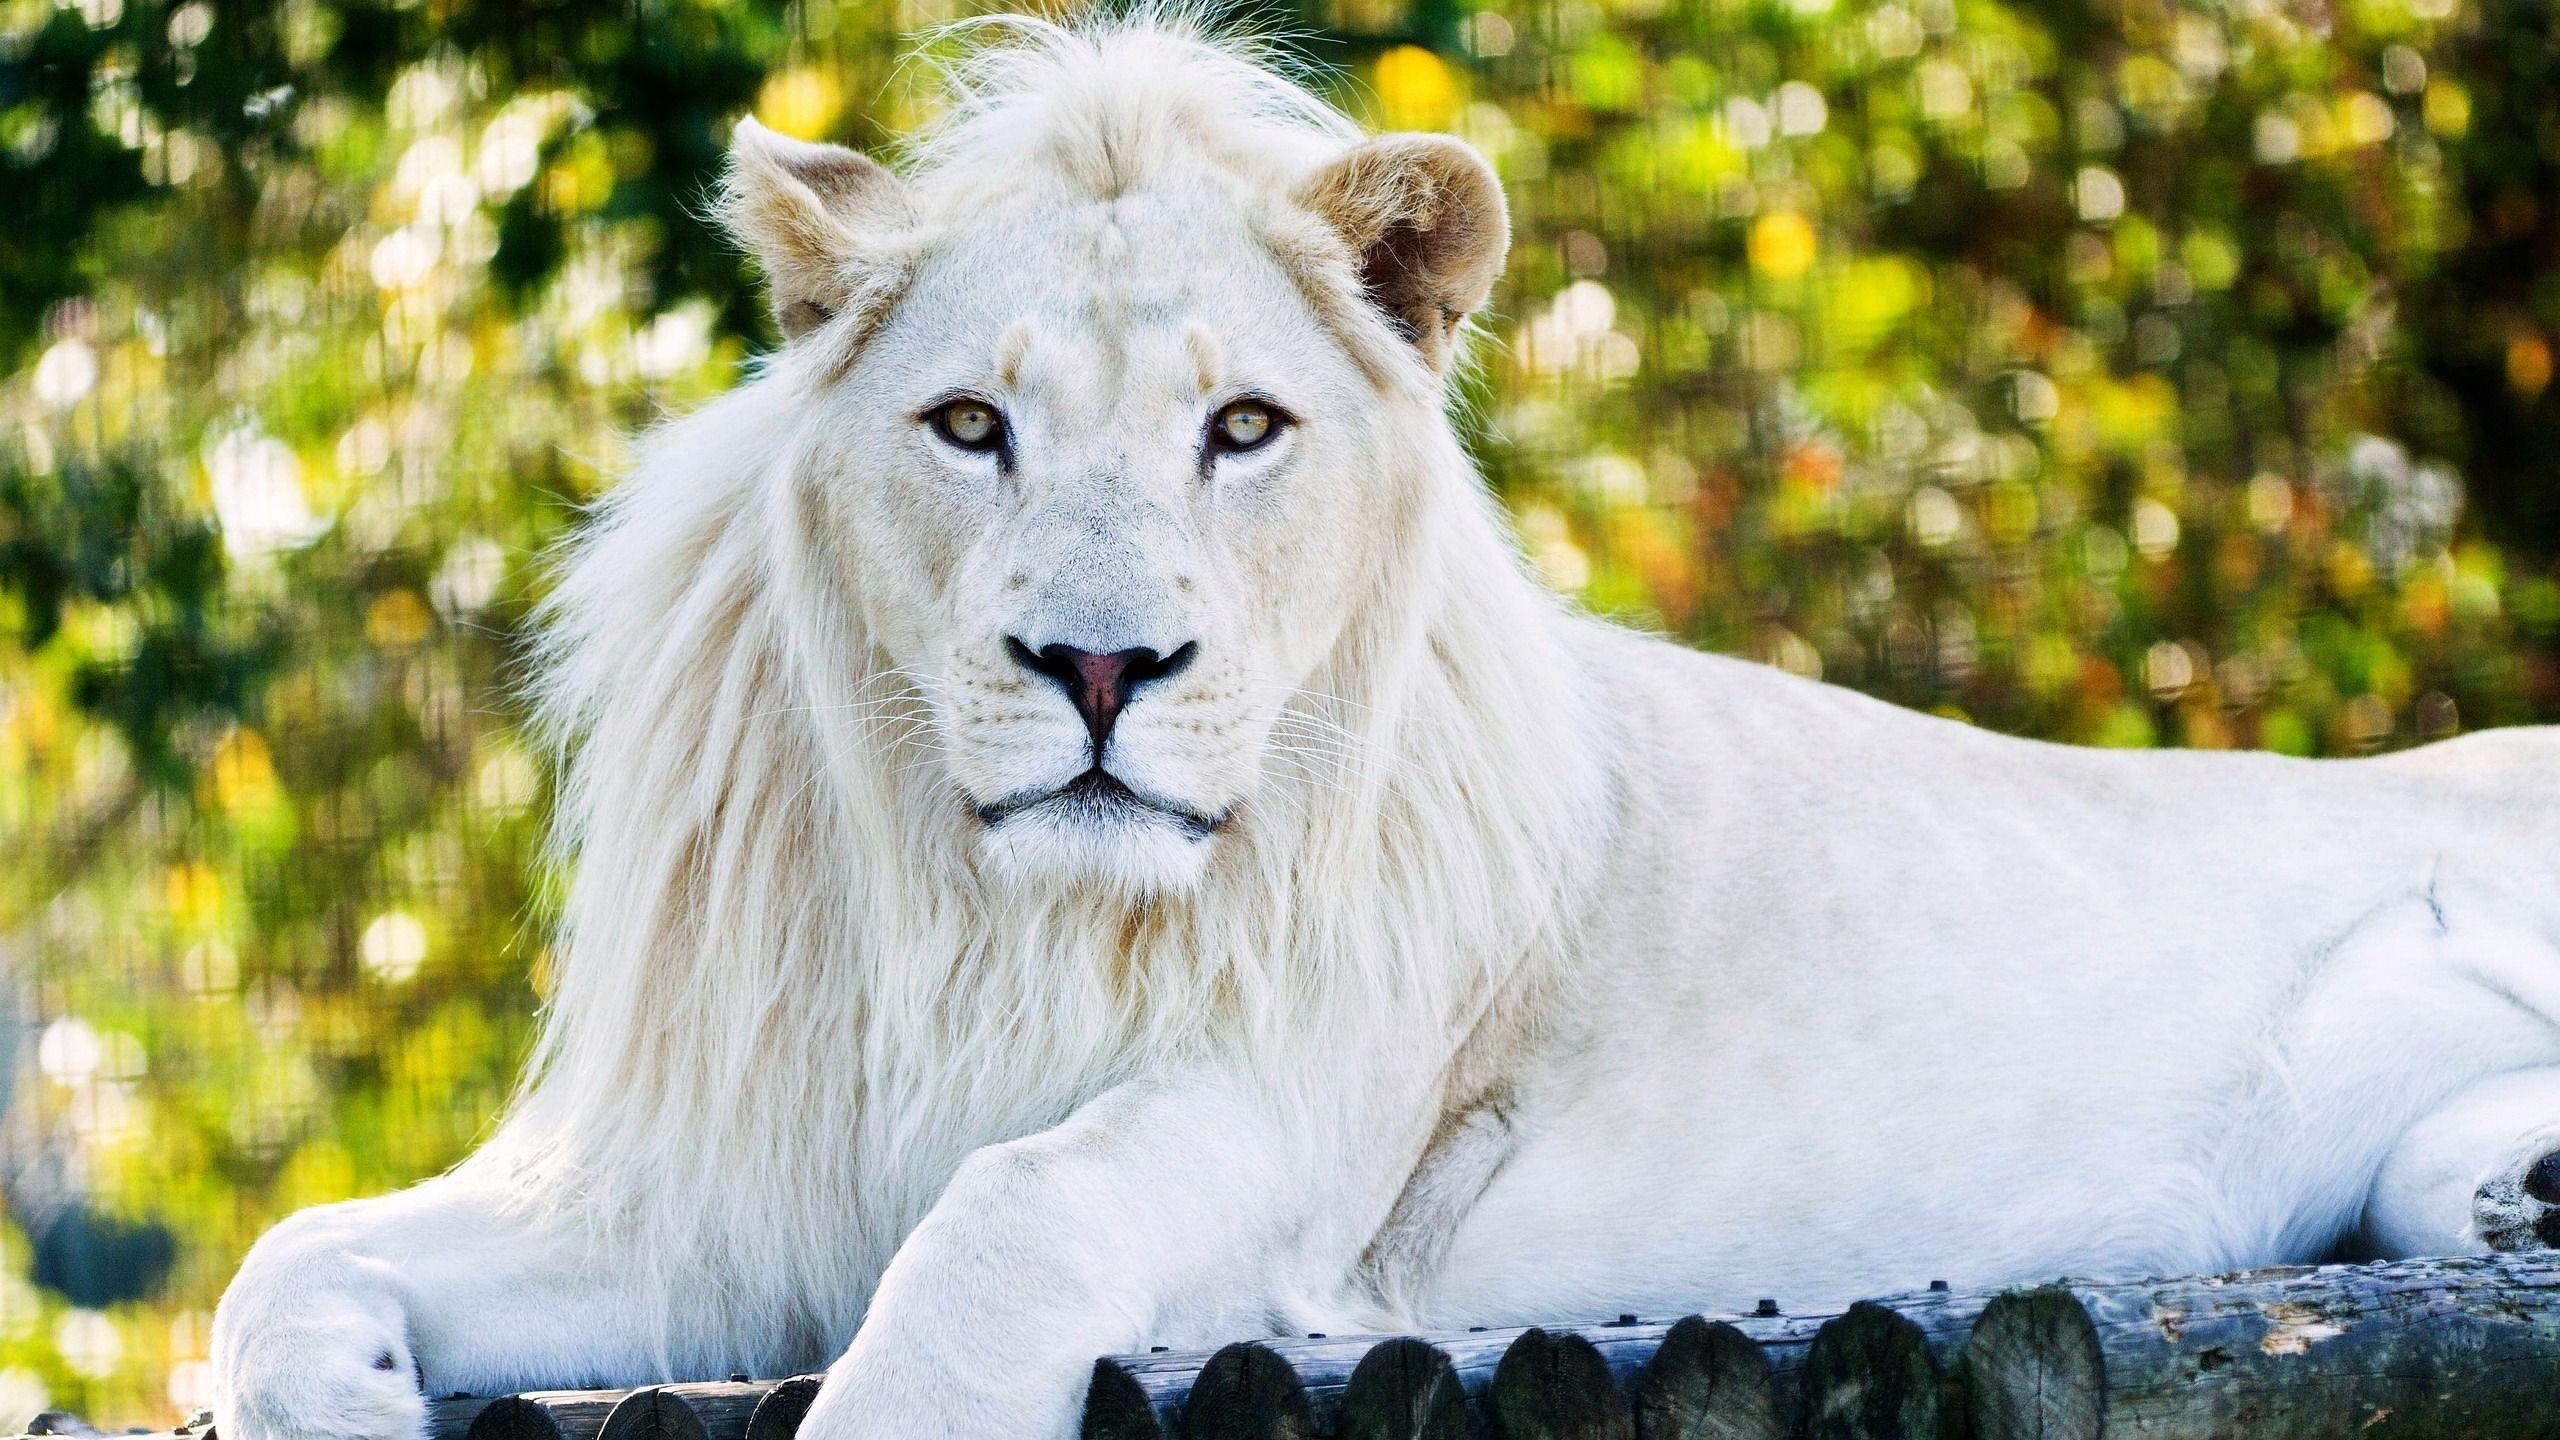 White Lion Sd - 1080p White Lion Hd , HD Wallpaper & Backgrounds